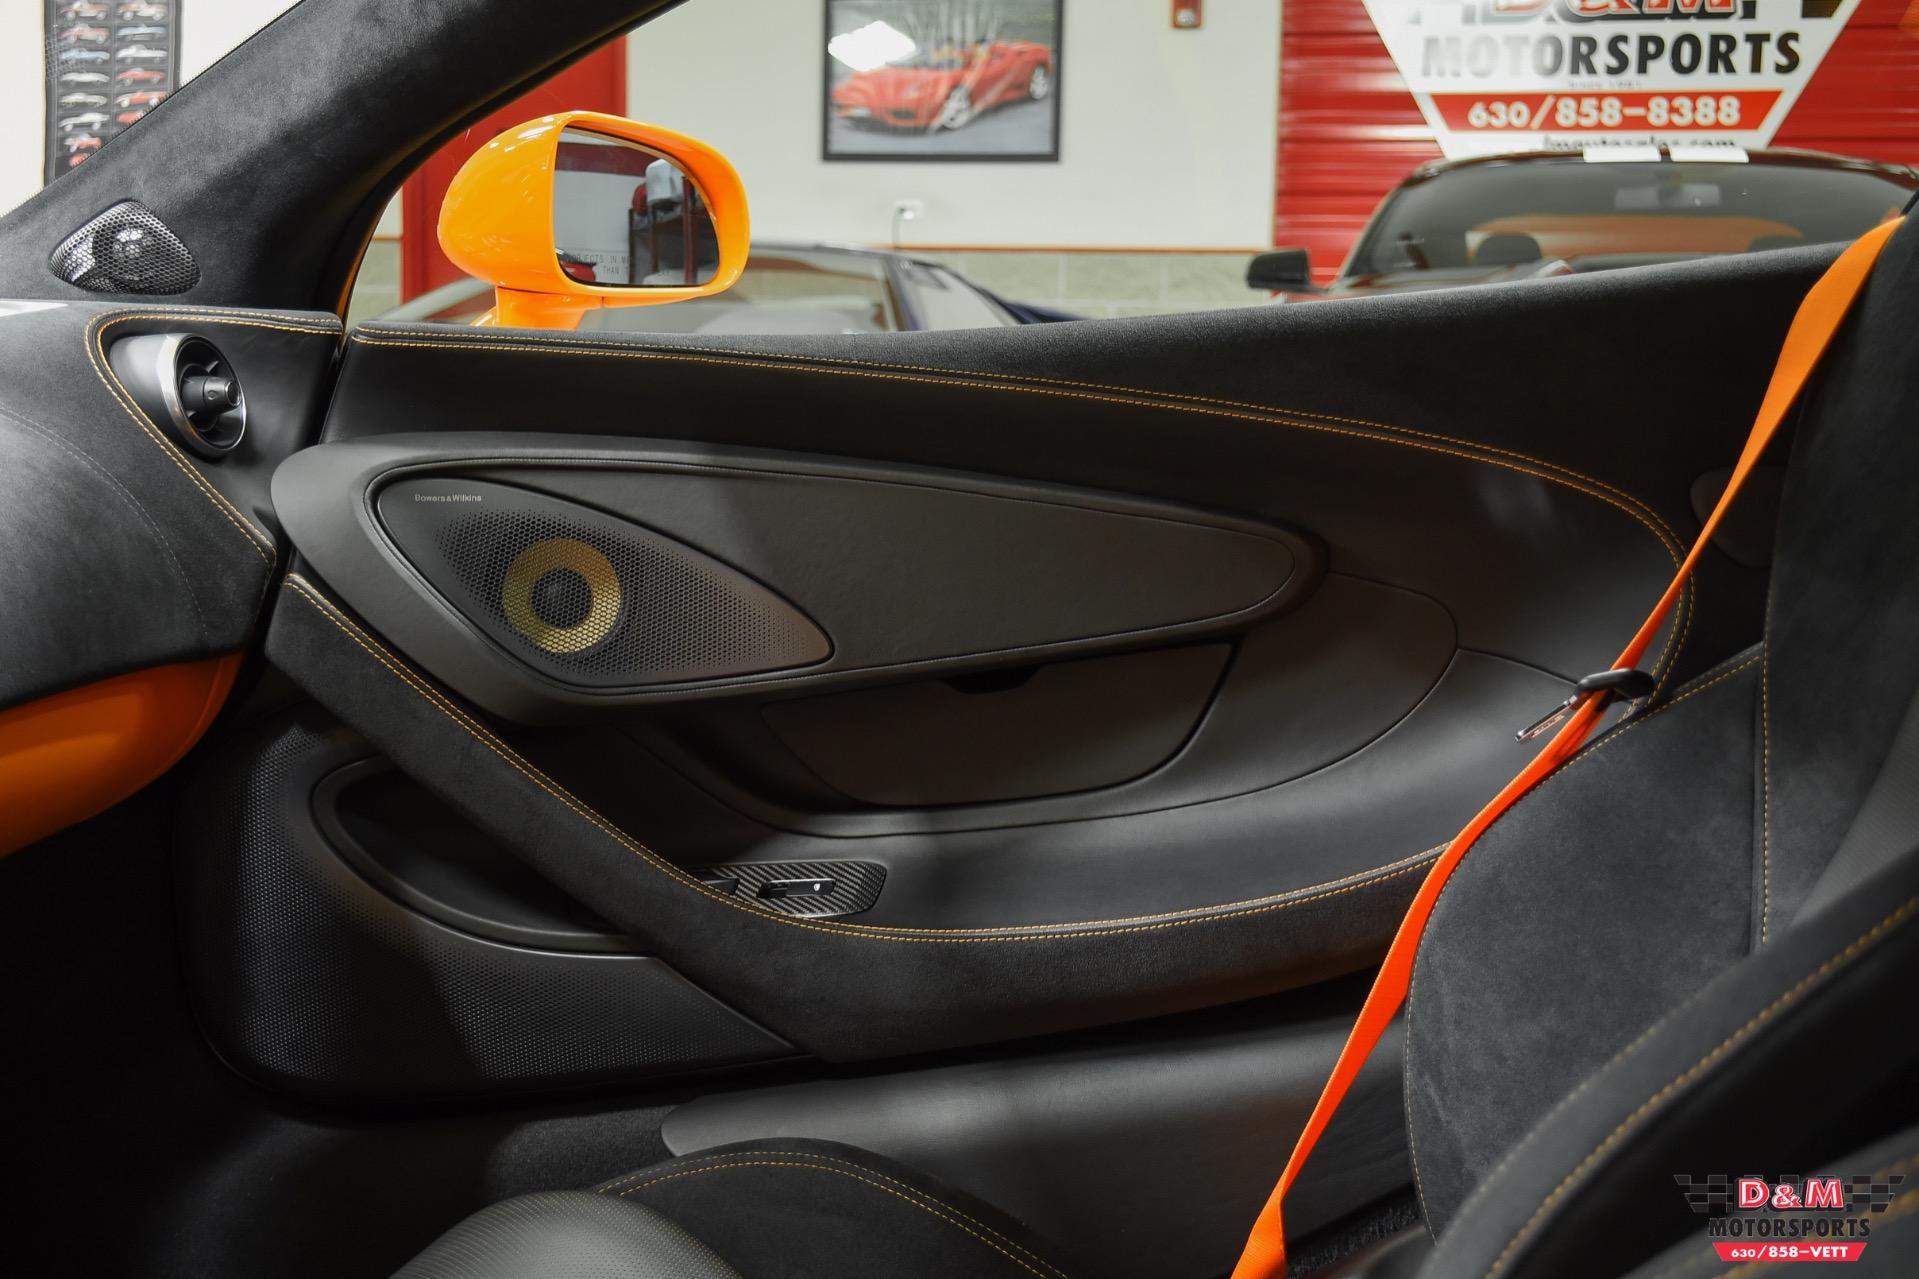 Used 2017 McLaren 570S Coupe | Glen Ellyn, IL